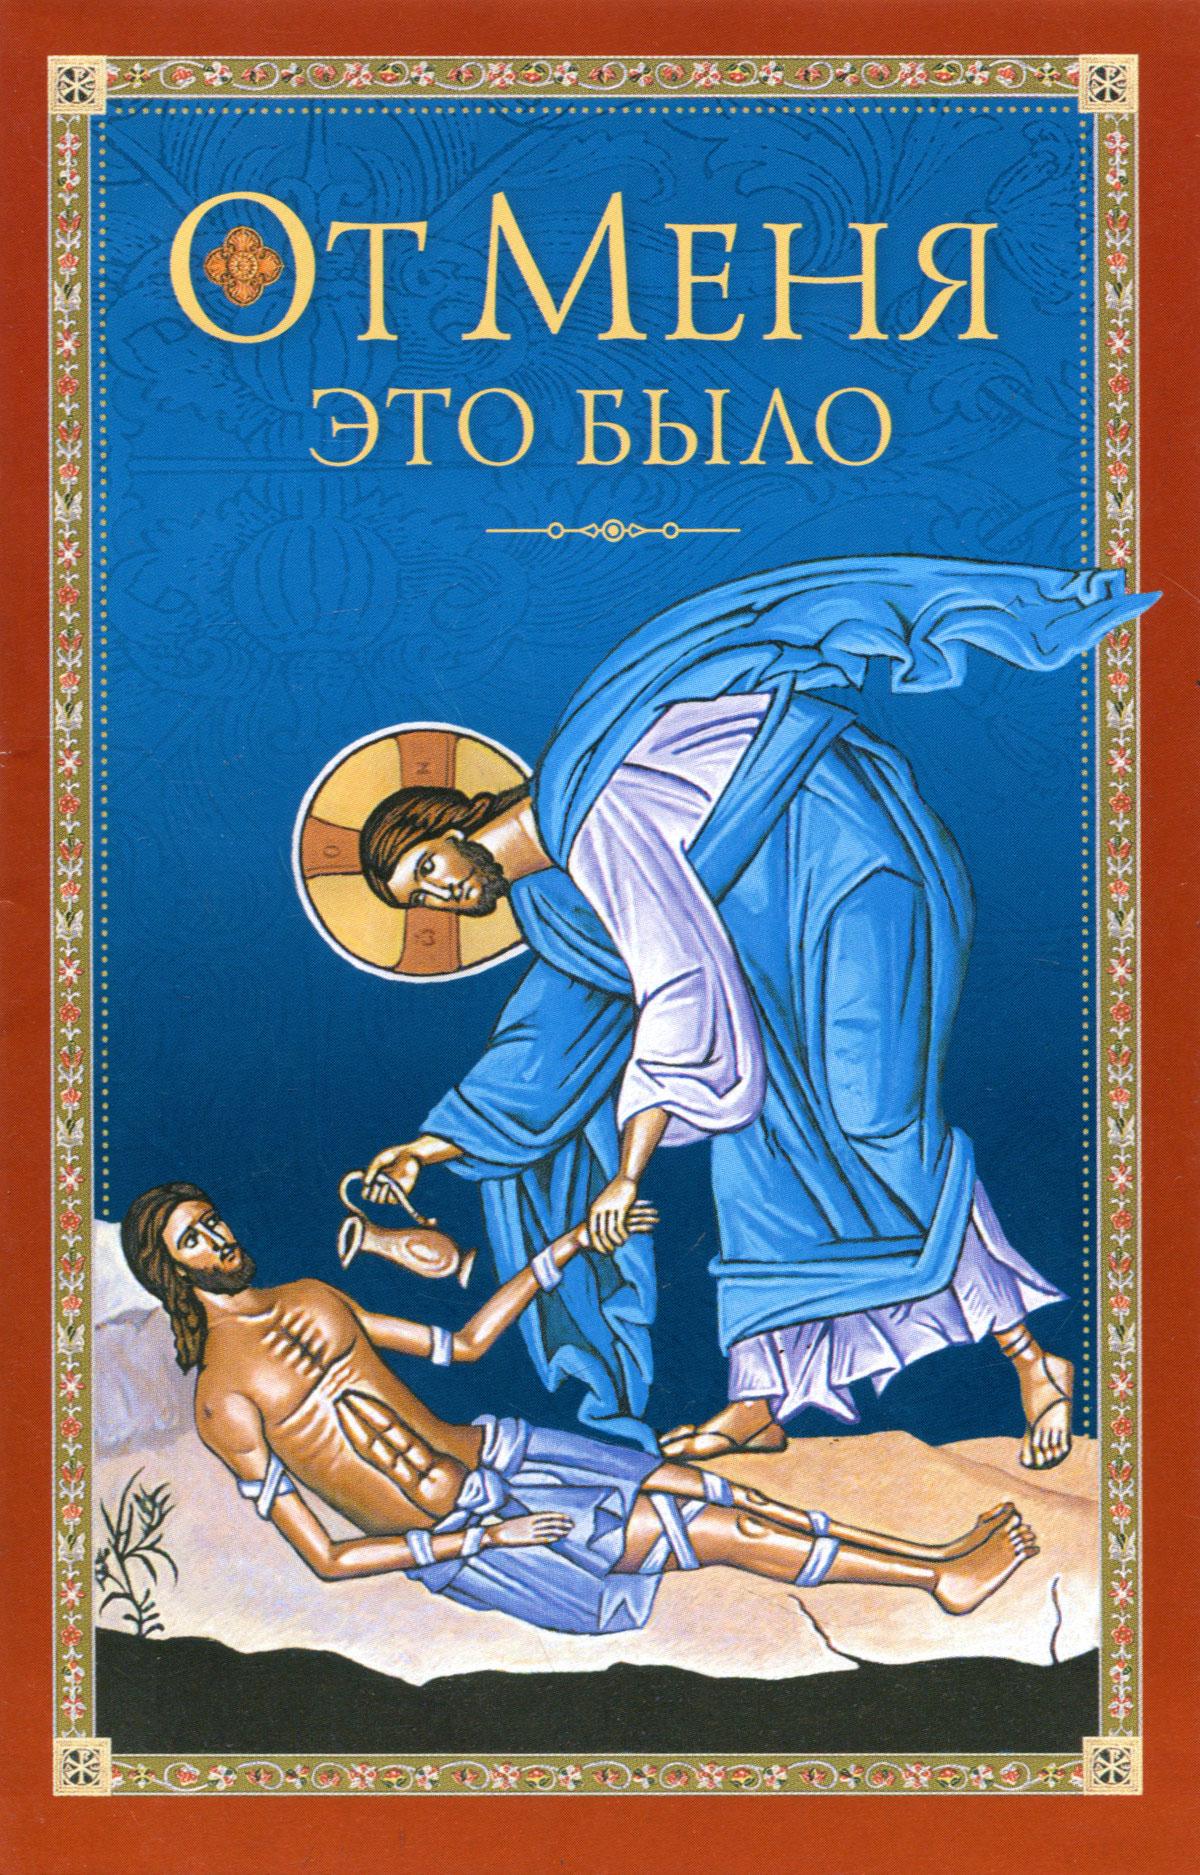 Митрополит Мануил (Лемешевский), Архиепископ Никон (Рождественский) От Меня это было никон p7700 цена